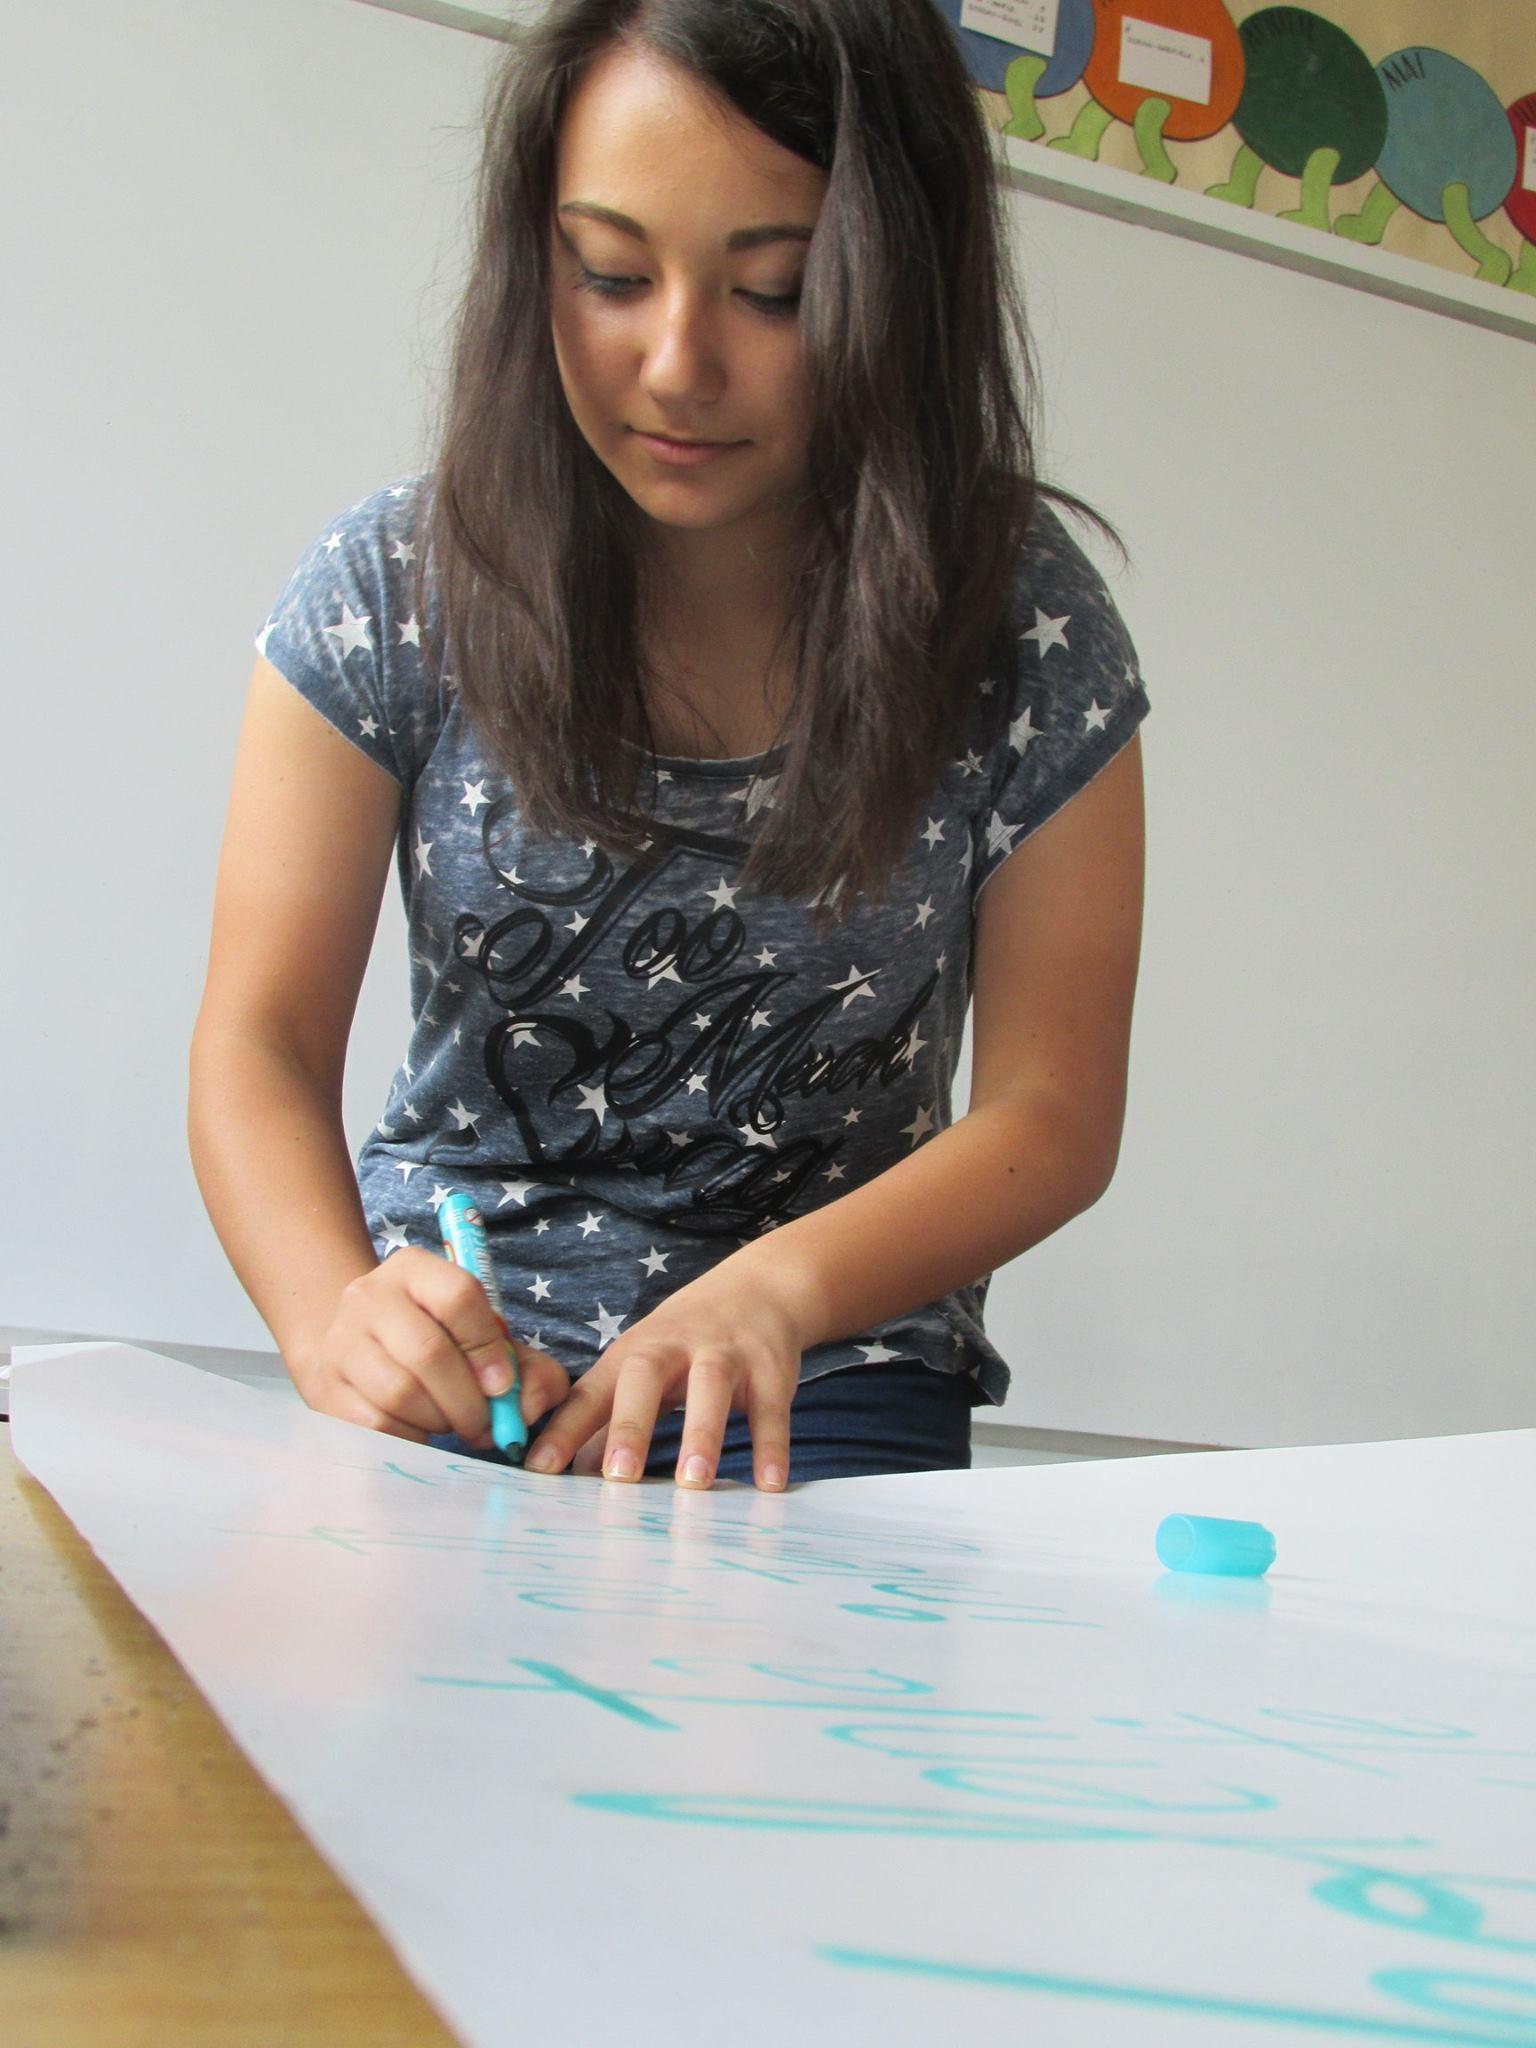 3 Proiect Viata fara Violena - Ana Hristea - clasa a-IX-a B – Colegiul National Mihai Eminescu